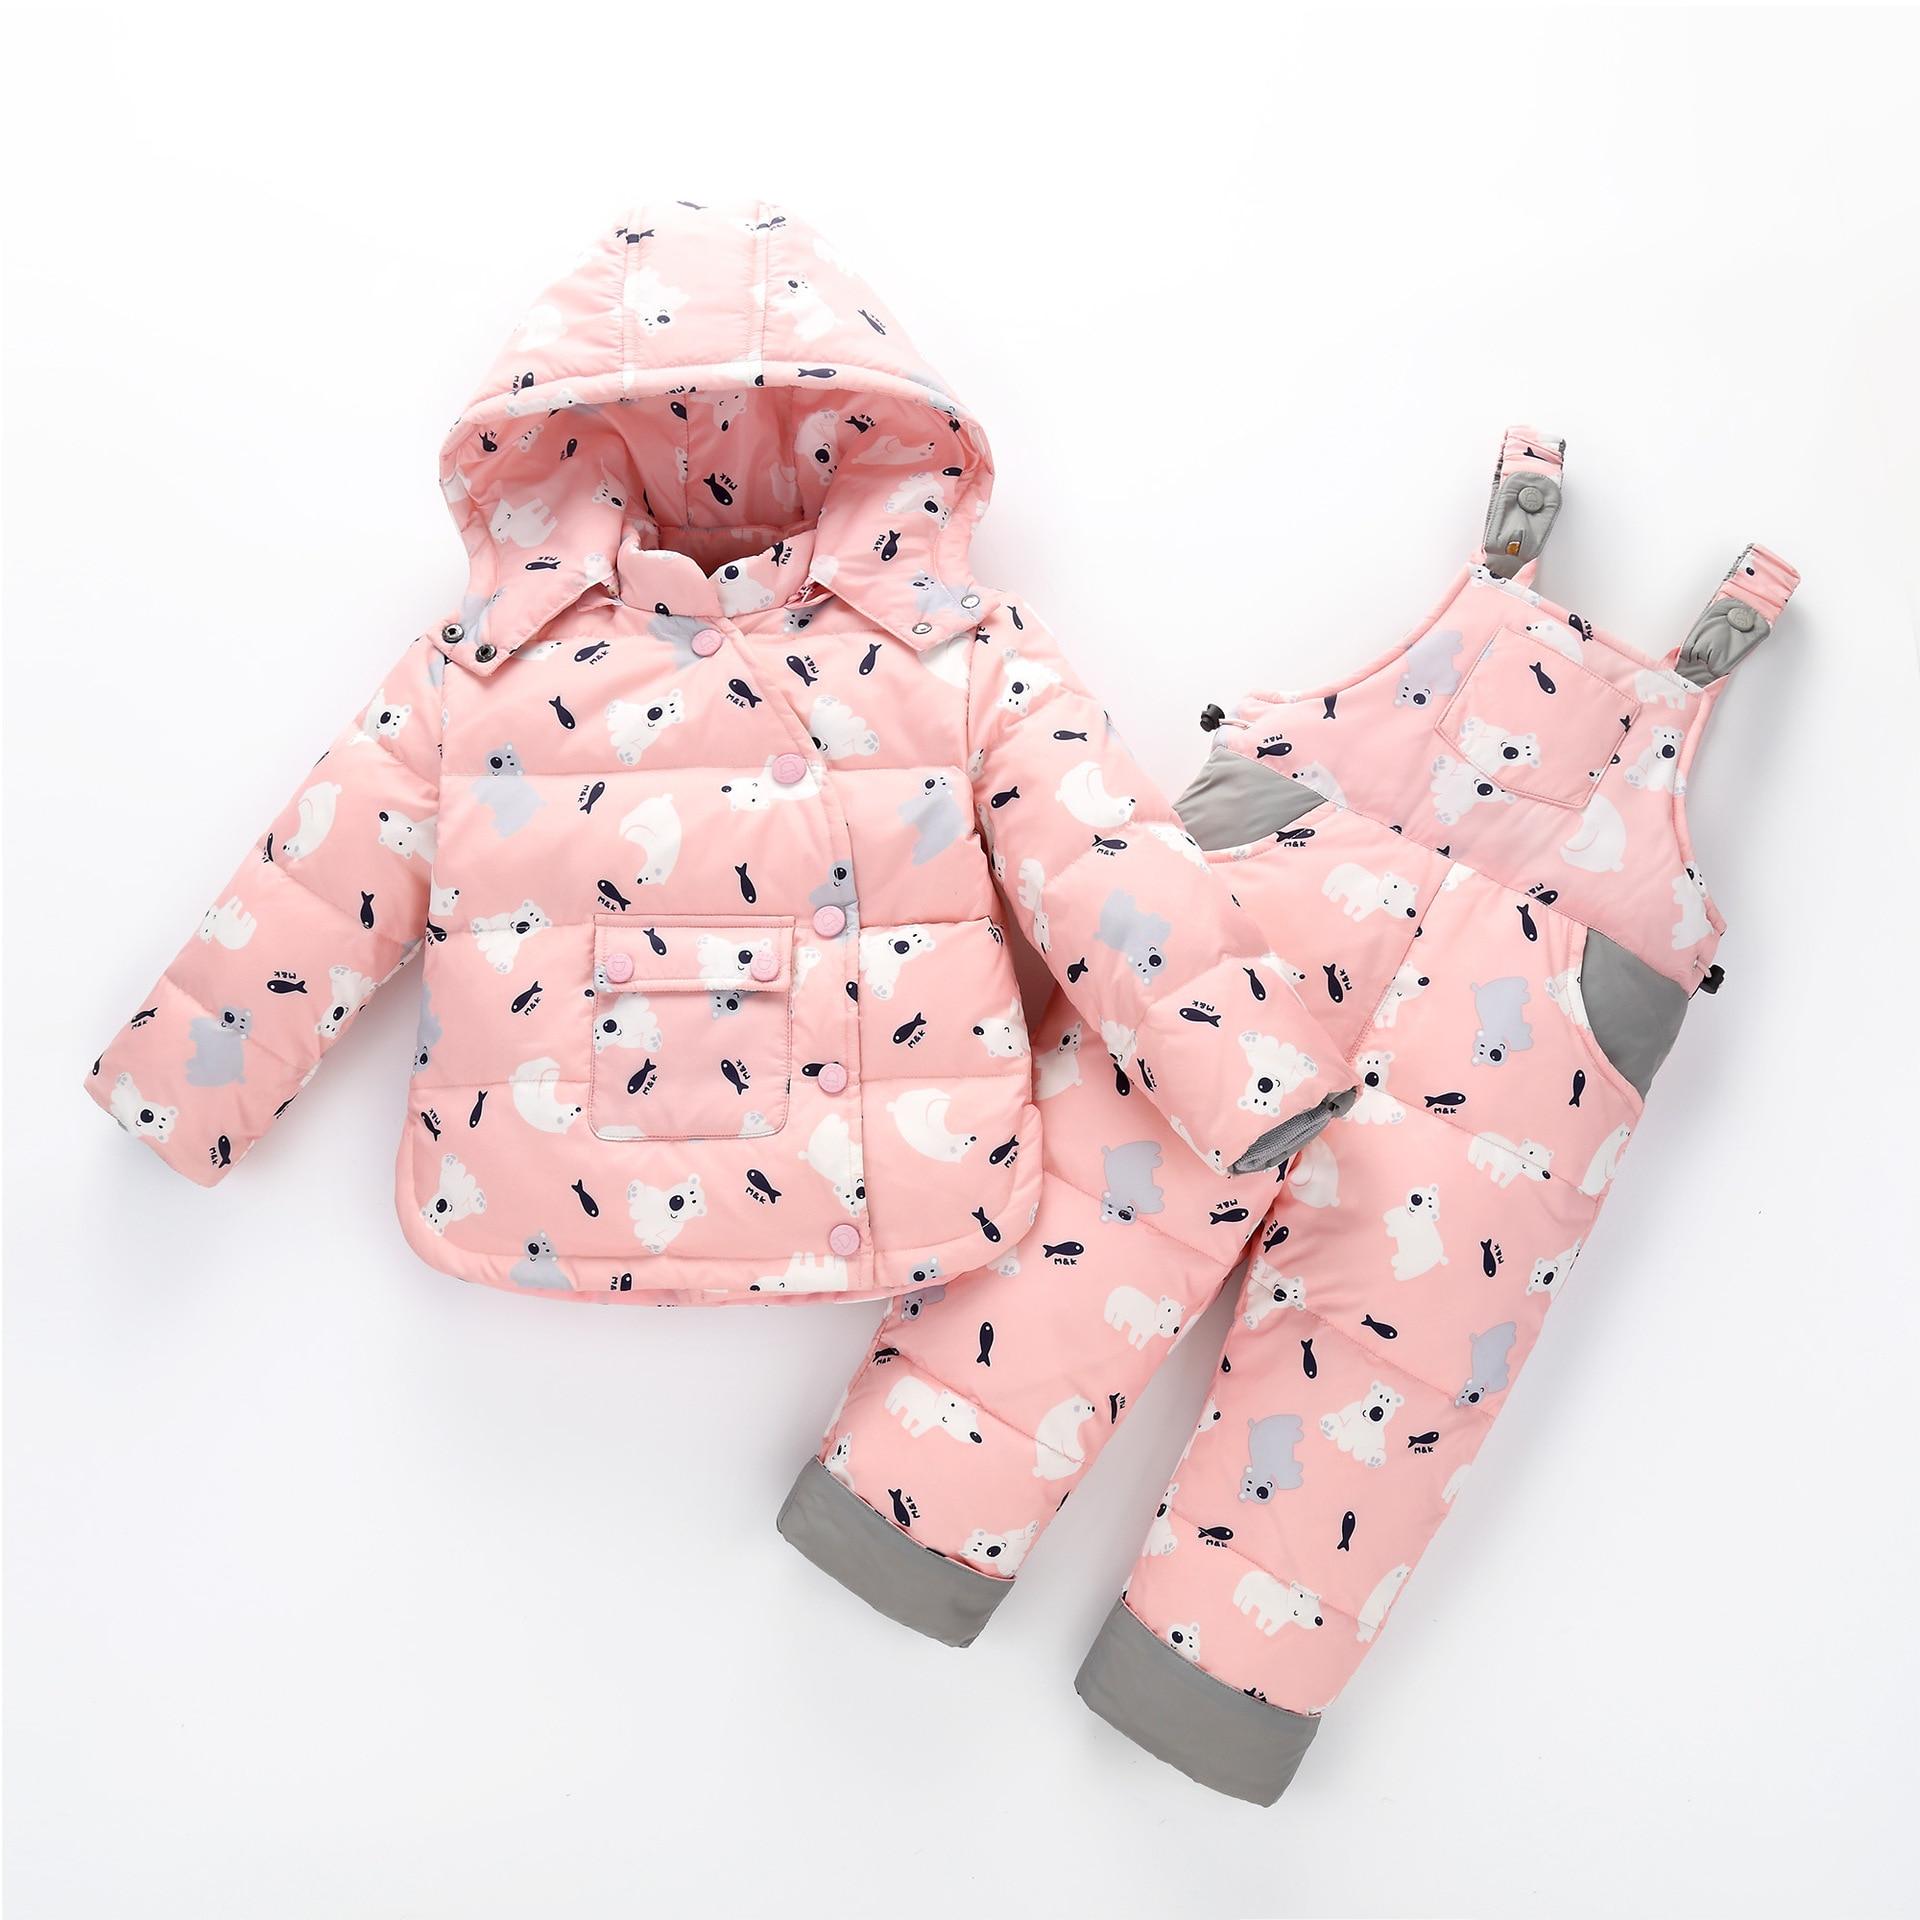 Enfants manteaux d'hiver enfant épaissir la neige usure salopette vêtements ensemble infantile combinaison snowsuit enfant fille manteau doudoune costumes